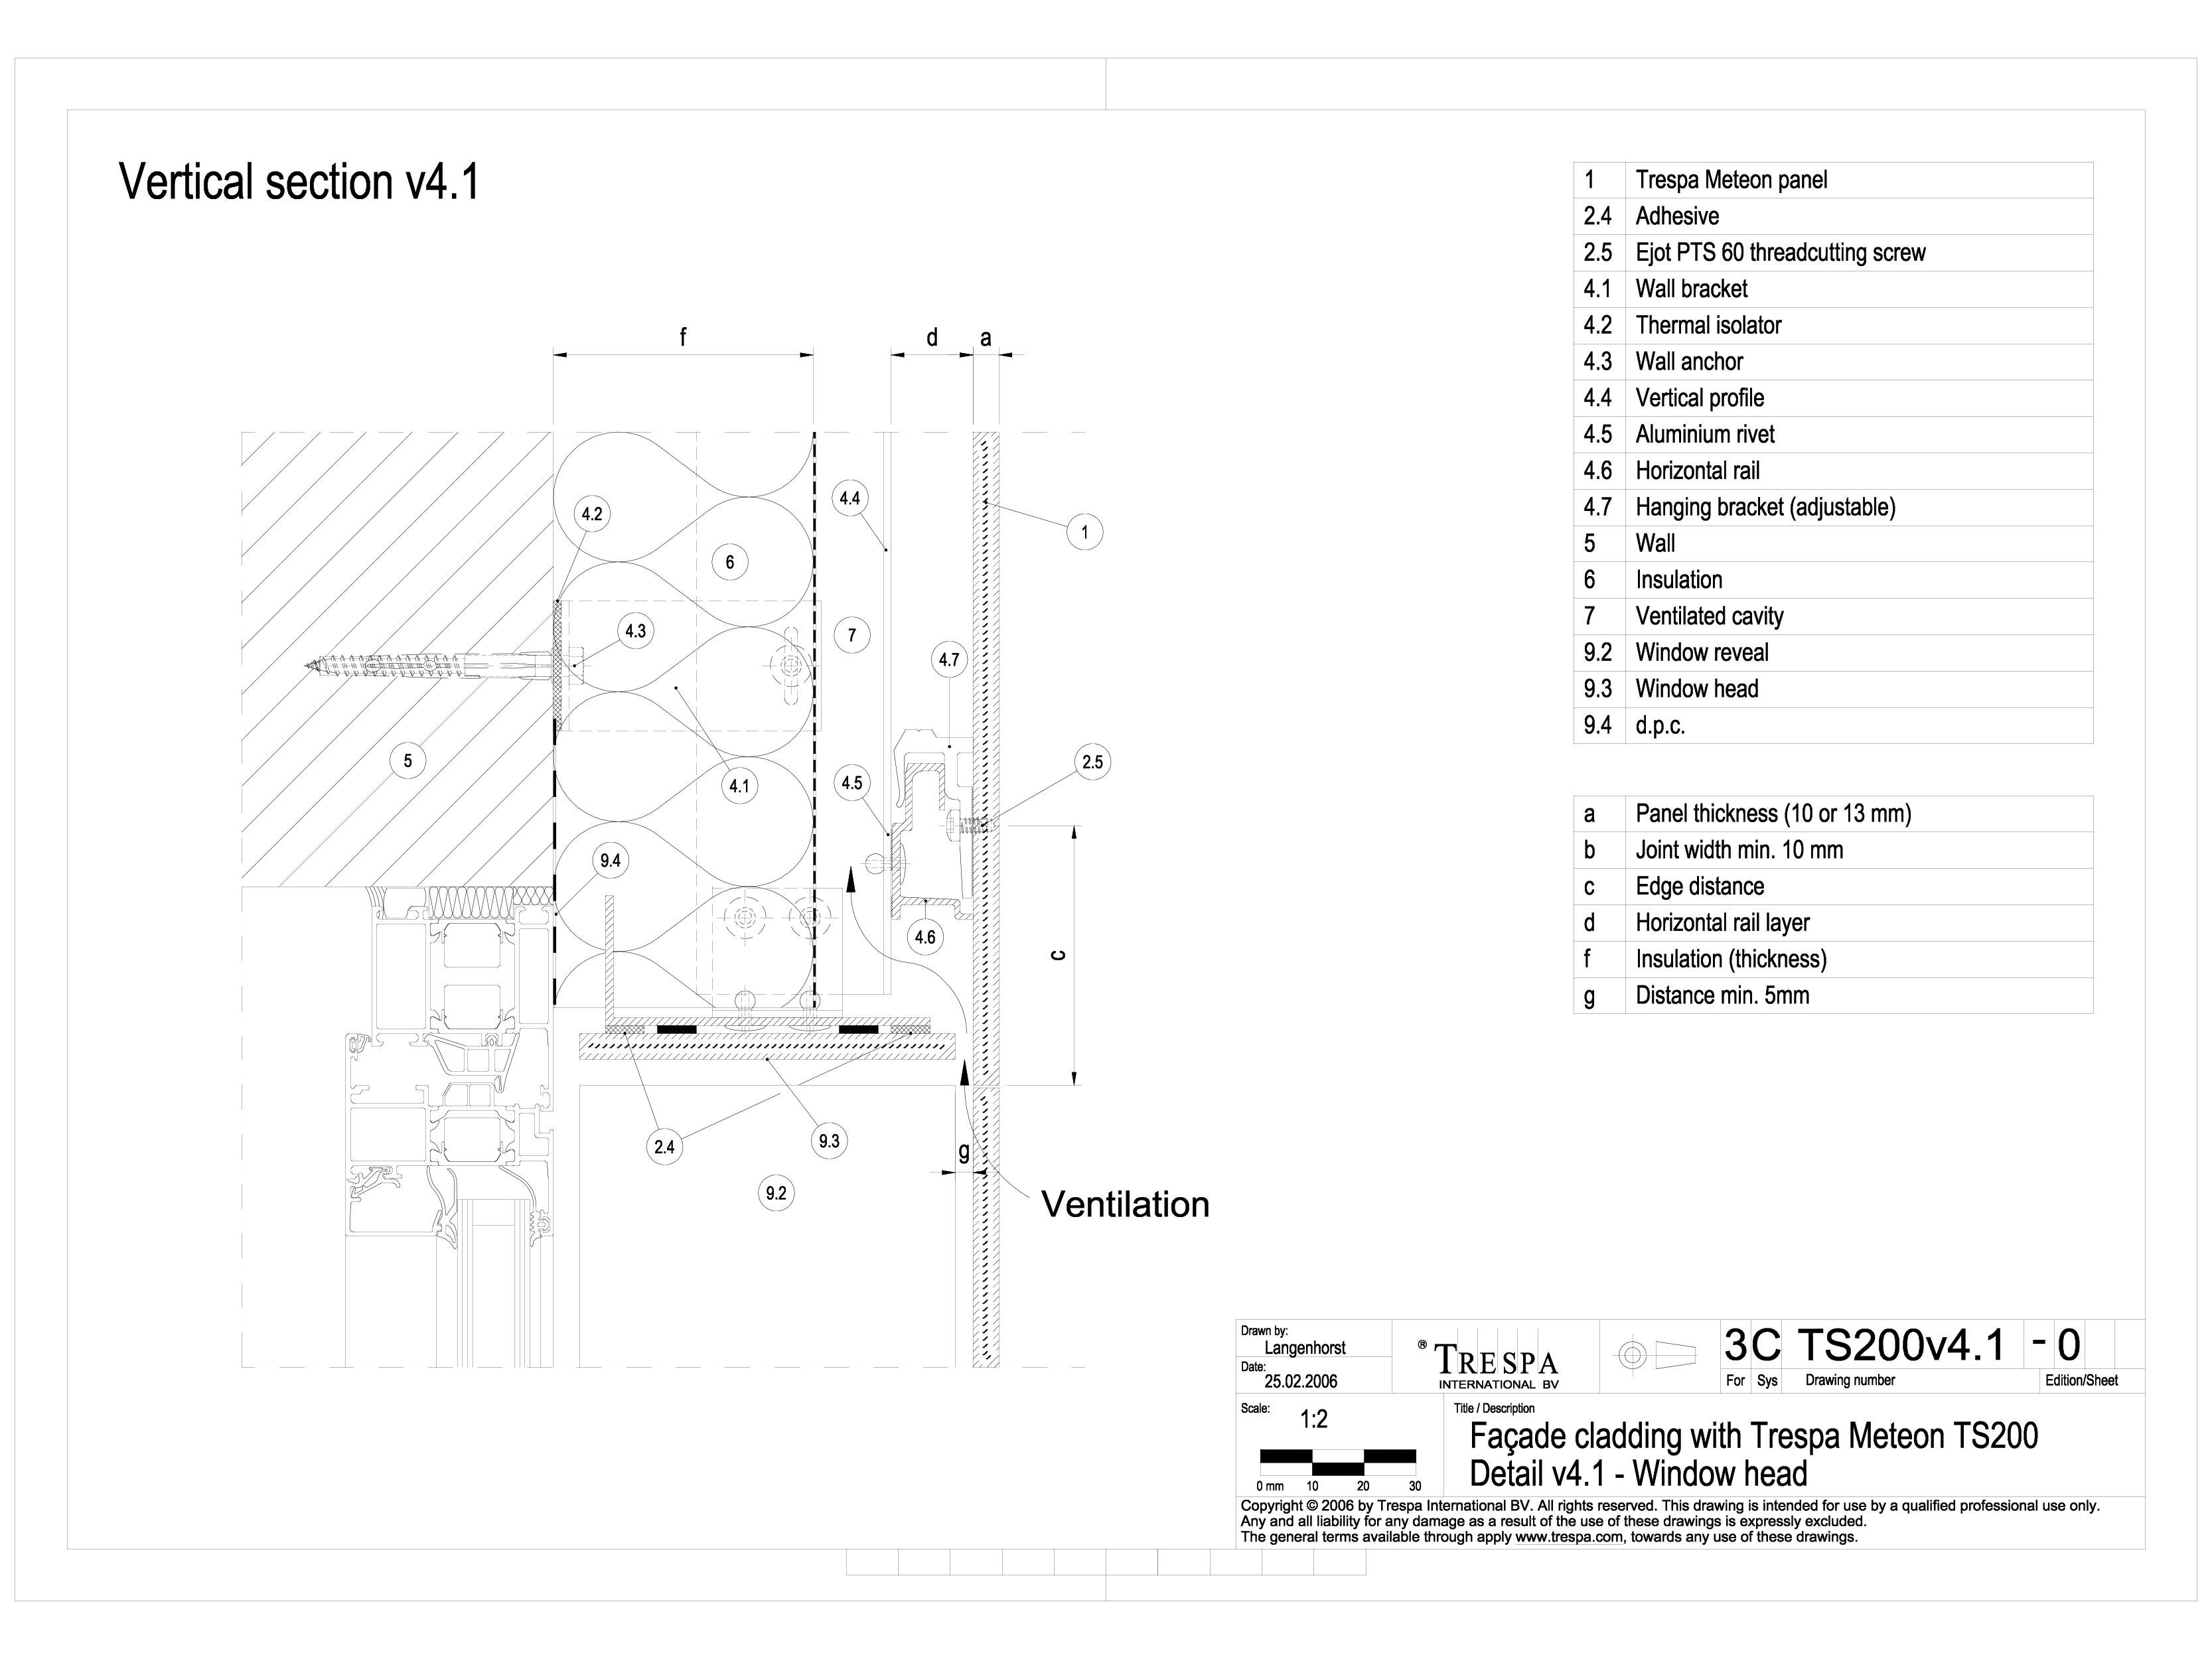 Sisteme de prindere fatade ventilate invizibile cu suruburi si insereturi, detaliu de racordare la fereastra METEON TRESPA Placi HPL pentru fatade ventilate GIBB TECHNOLOGIES  - Pagina 1